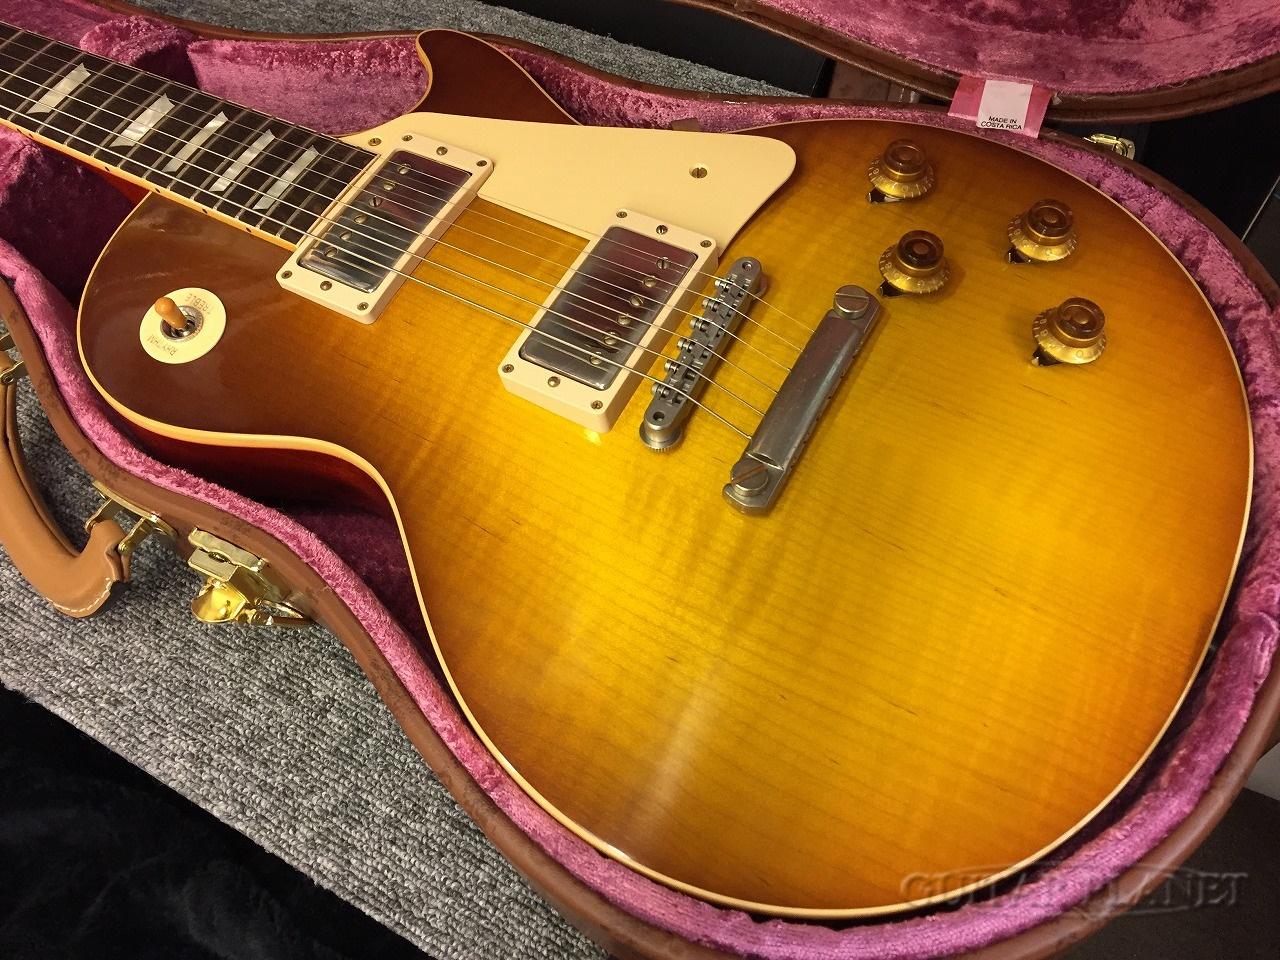 【中古】Gibson Custom Shop ~Historic Collection~ 1958 Les Paul Standard VOS -Honey Lemon Fade- 2018年製[ギブソン][ハニーレモン][LP,レスポール][Electric Guitar,エレキギター]【used_エレキギター】